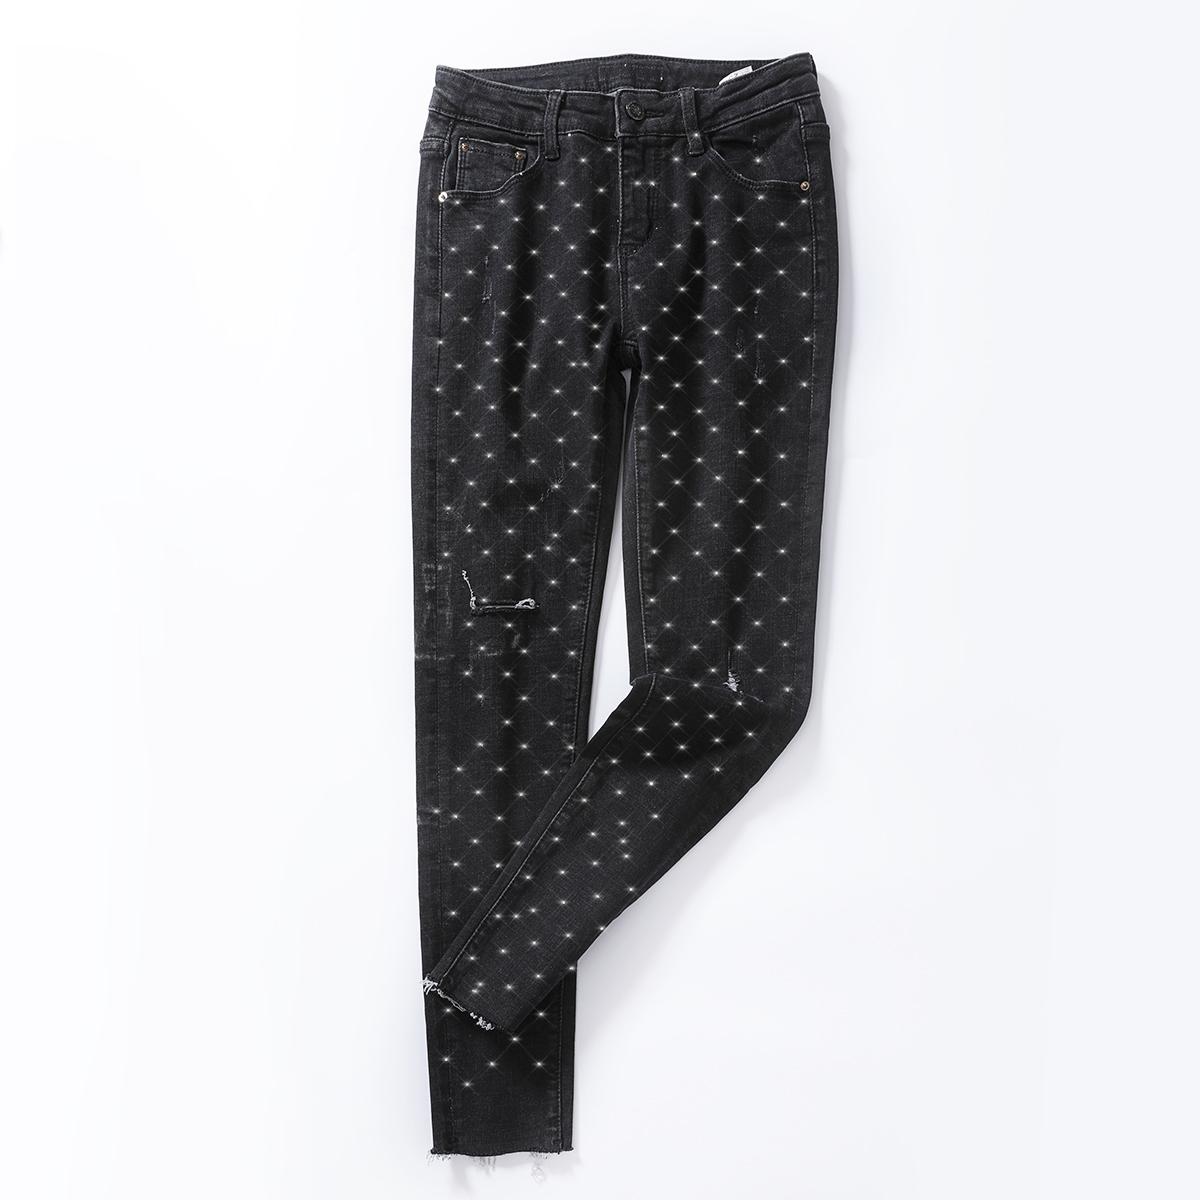 祖艾 定制【低调的奢华】闪钻点点最闪亮的星点牛仔裤